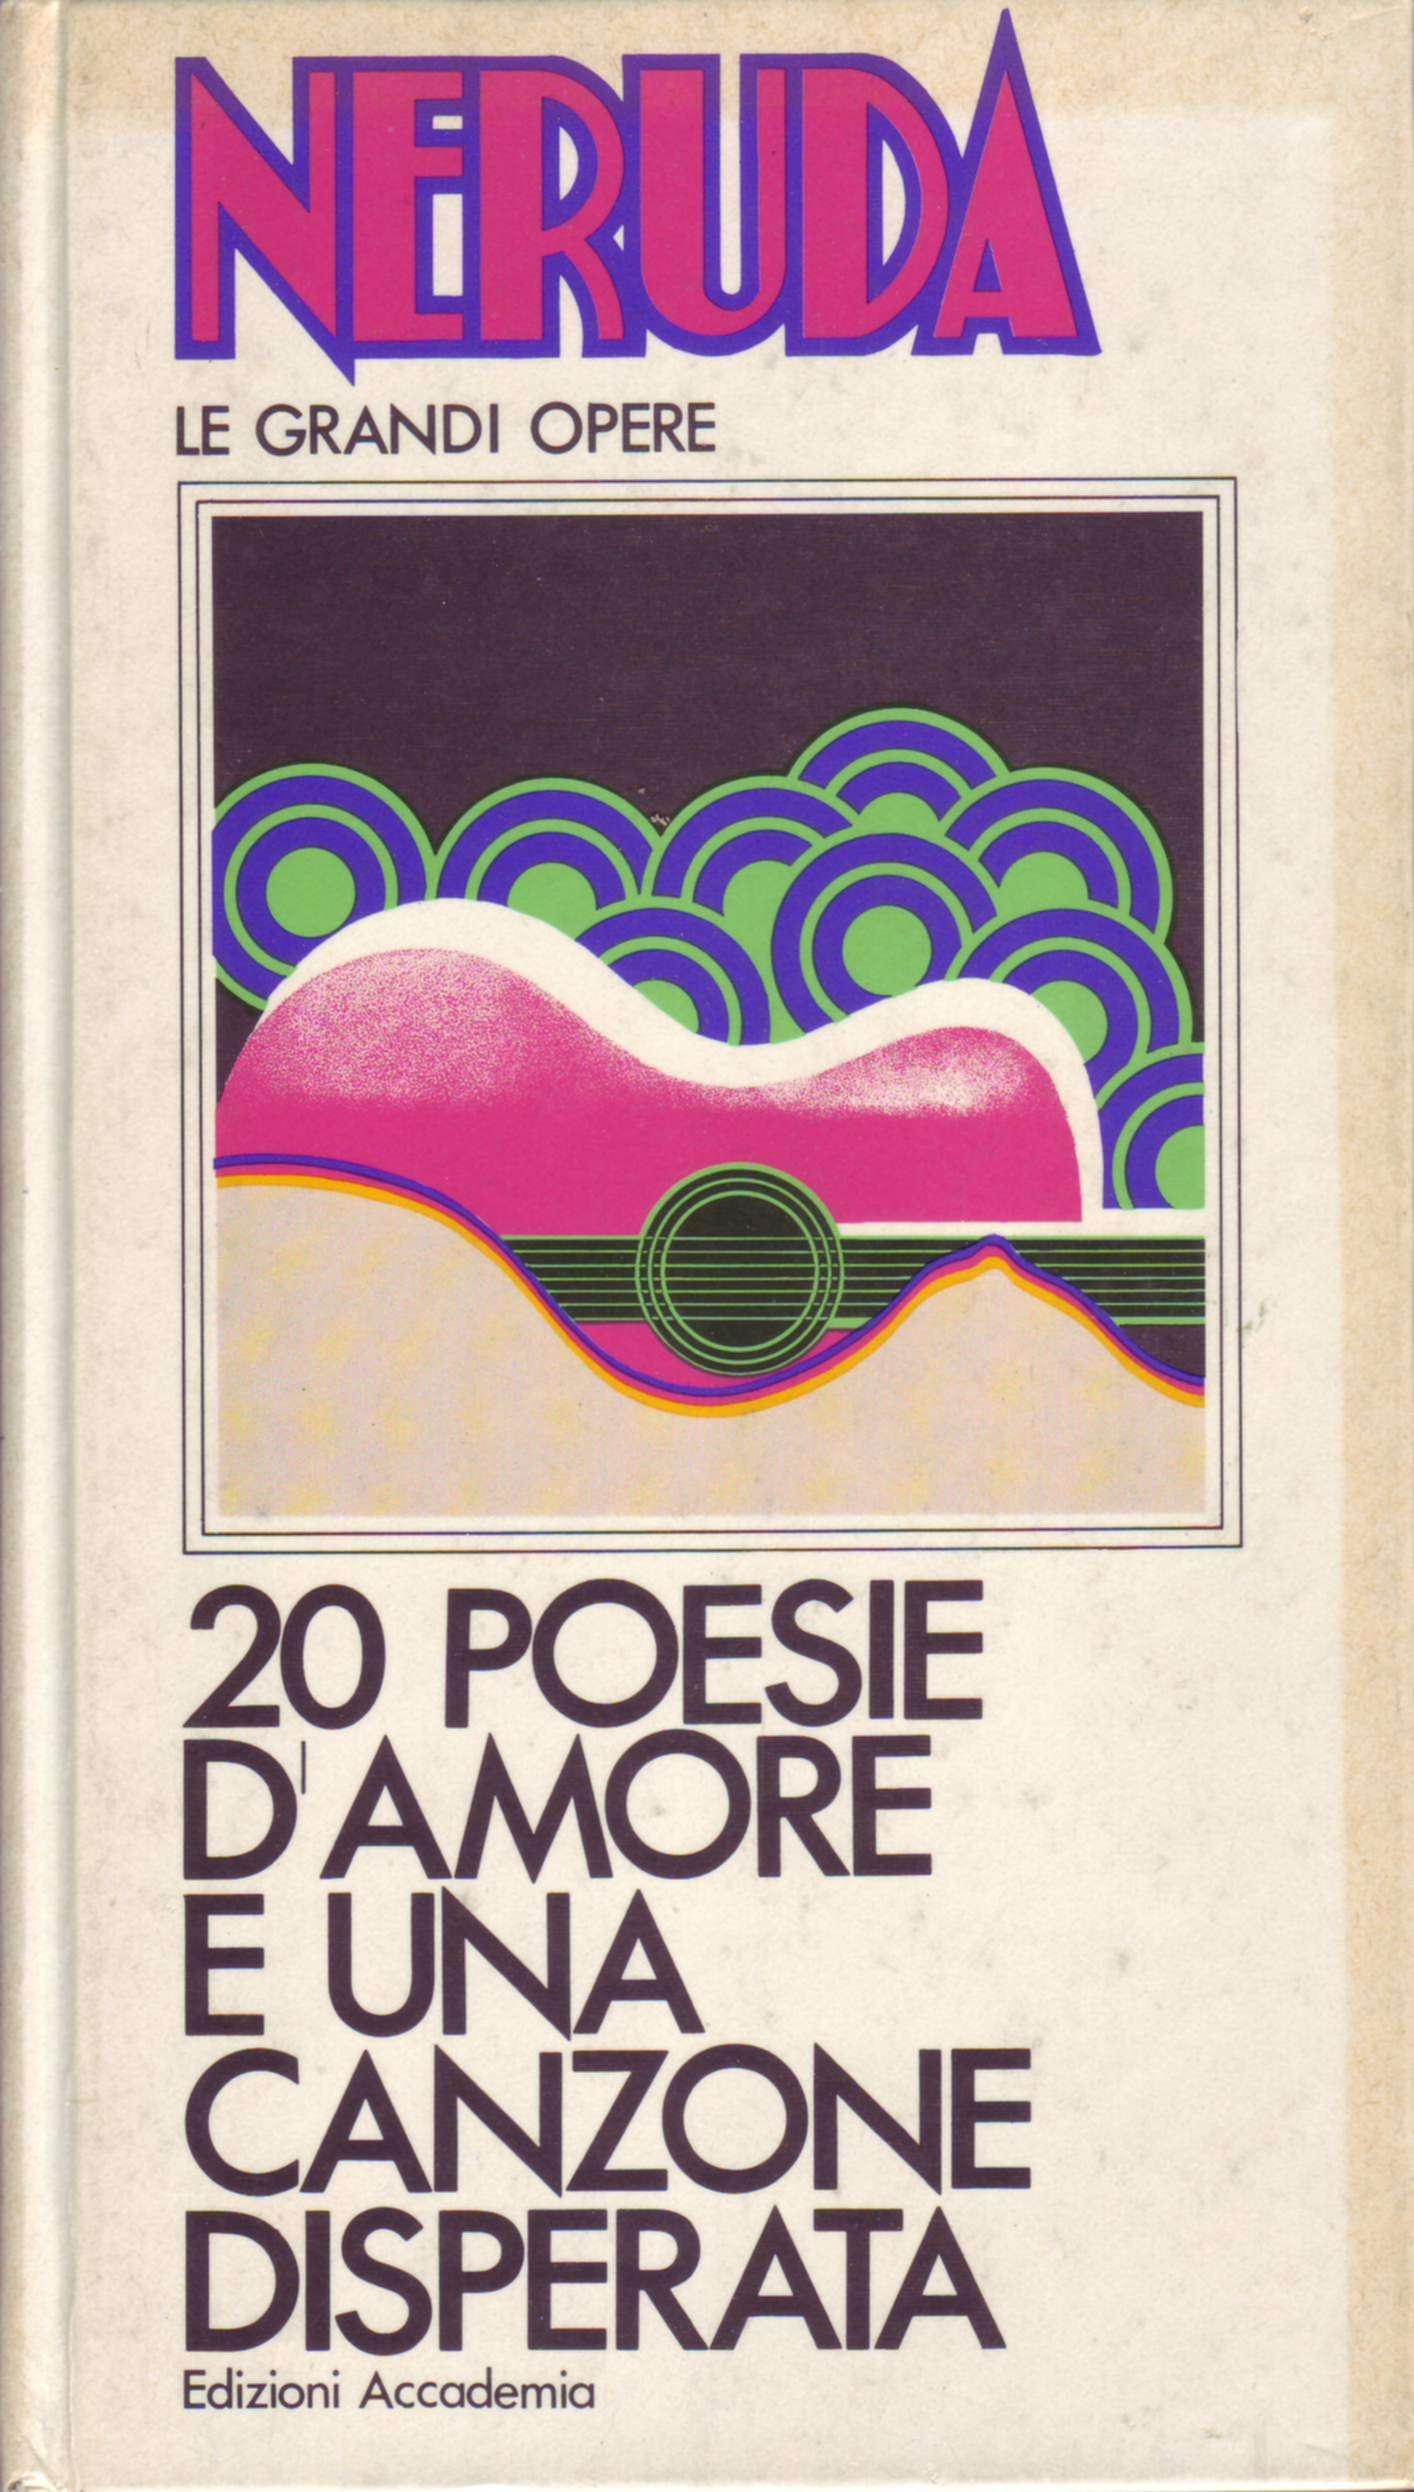 20 poesie d'amore e una canzone disperata